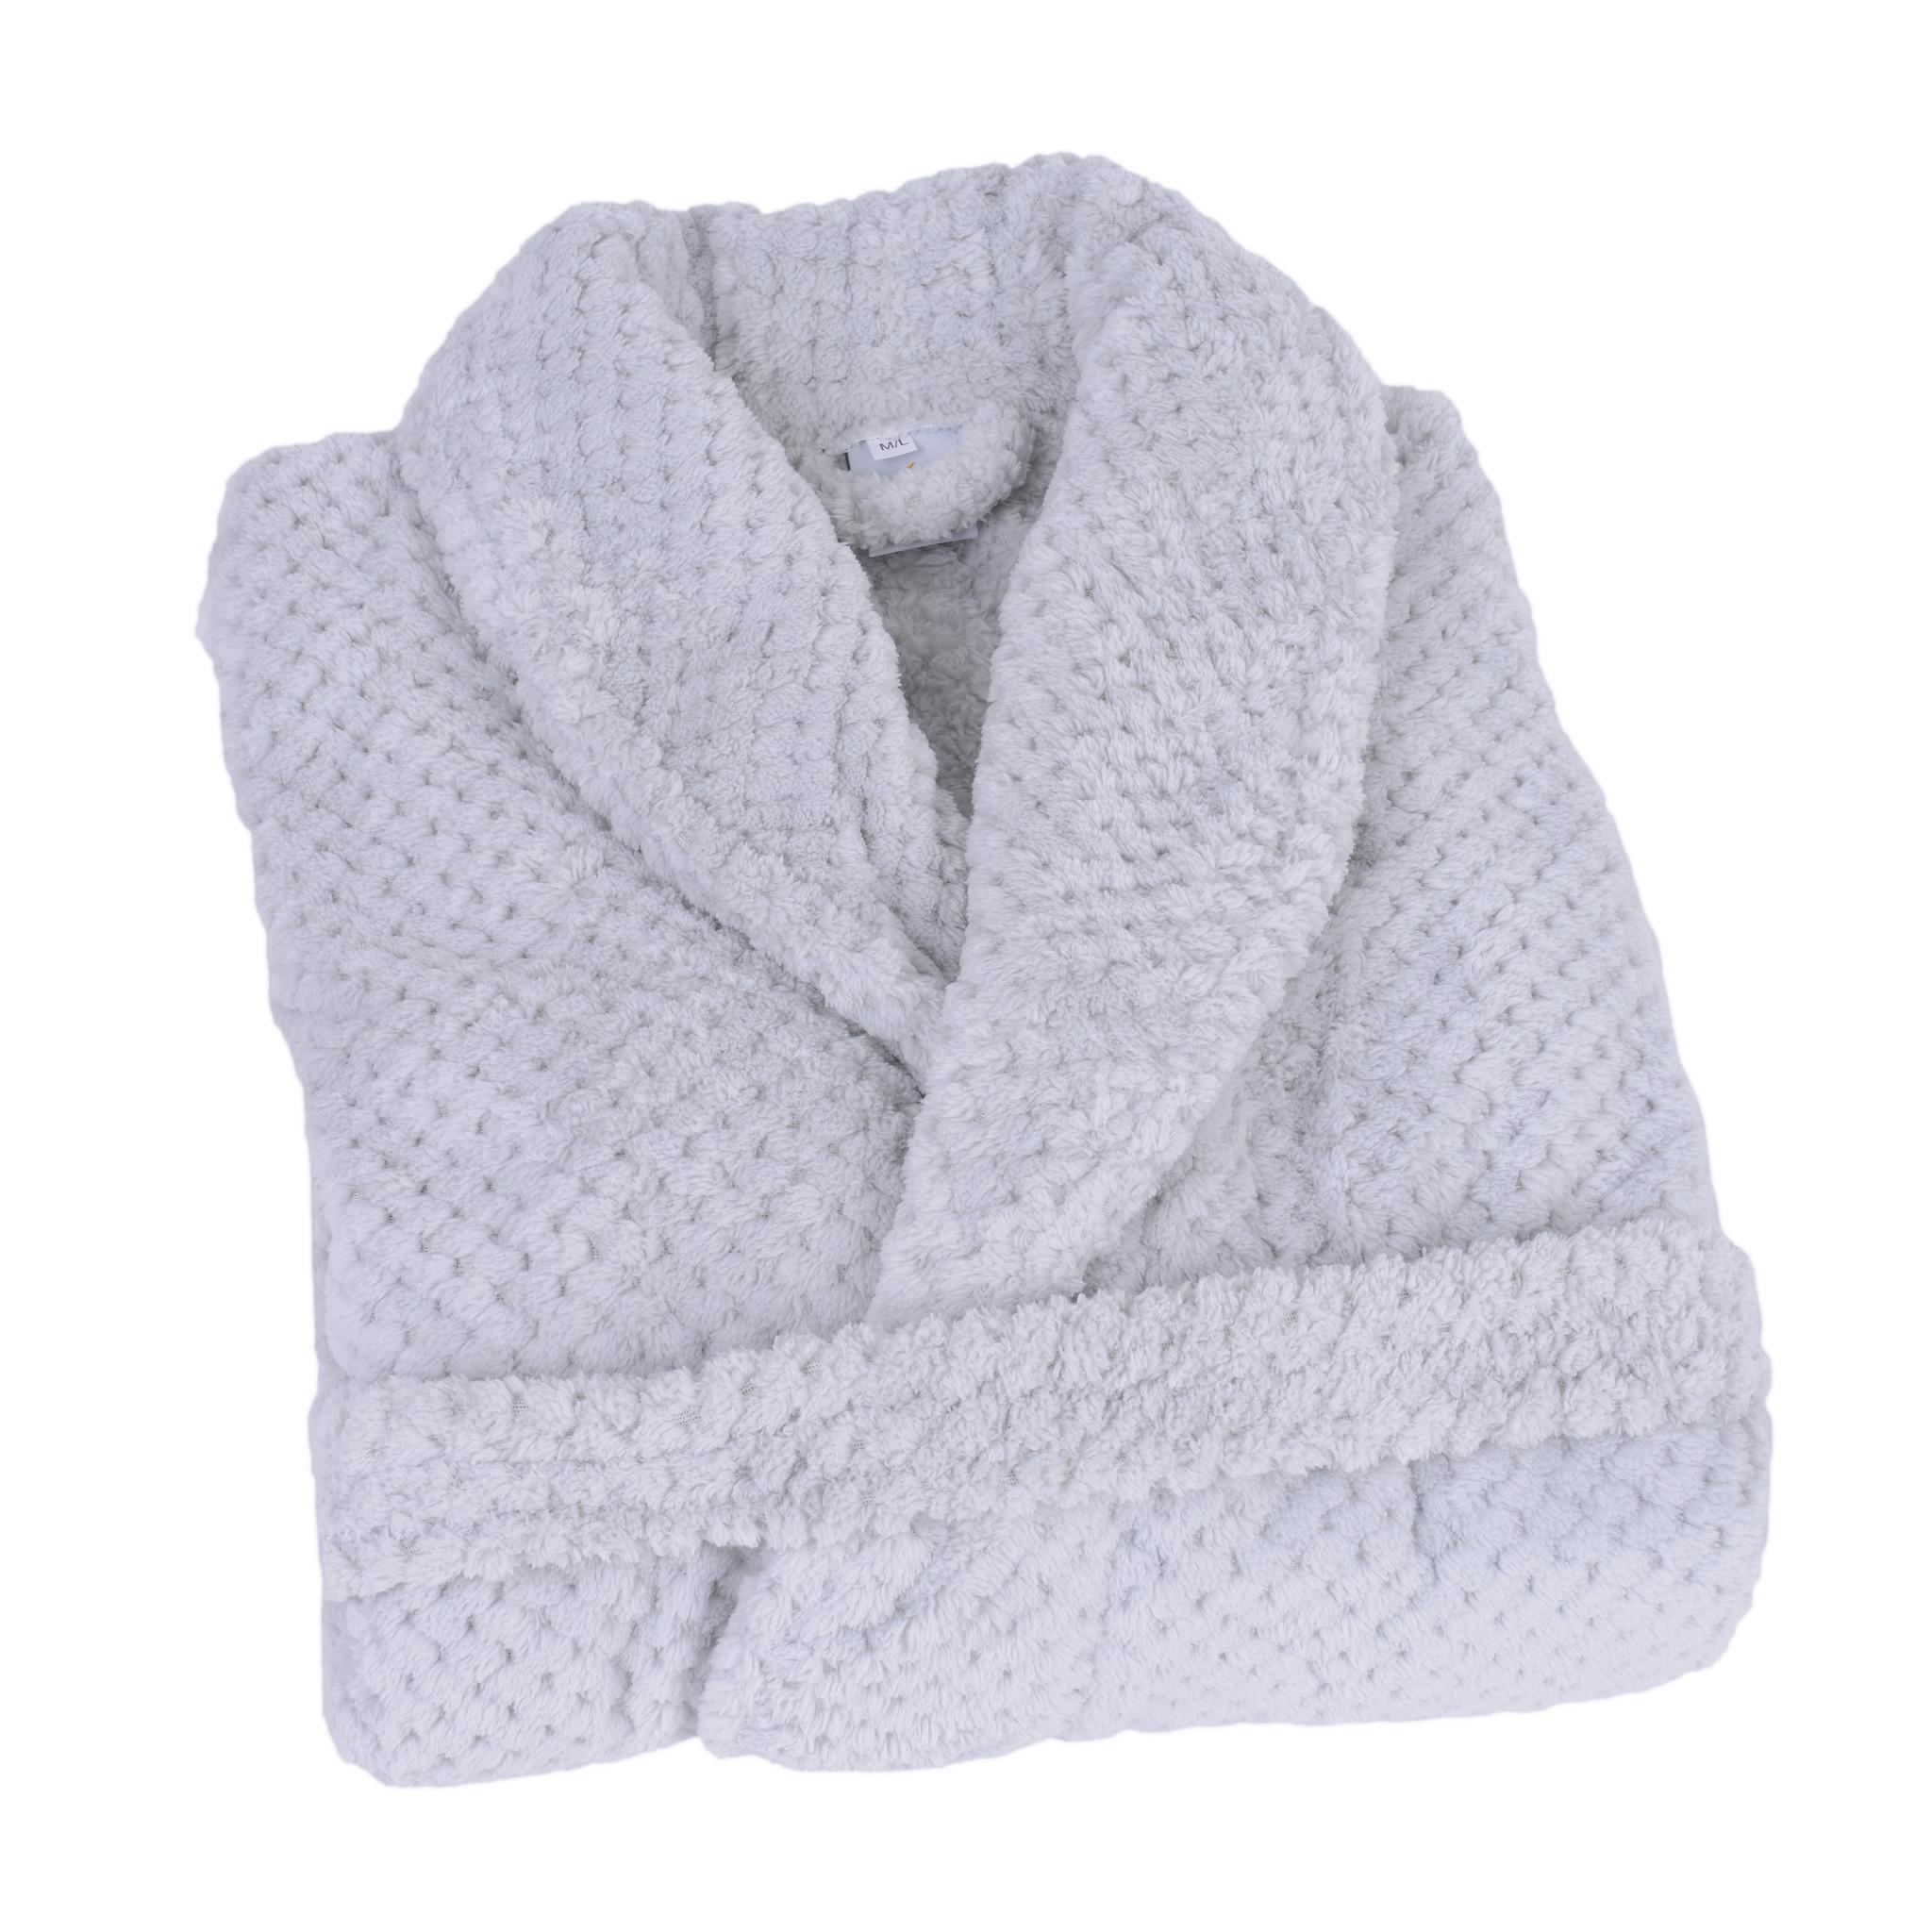 Clarysse Badjas -  Licht grijs - Size: M/L - 380 gram - Badstof